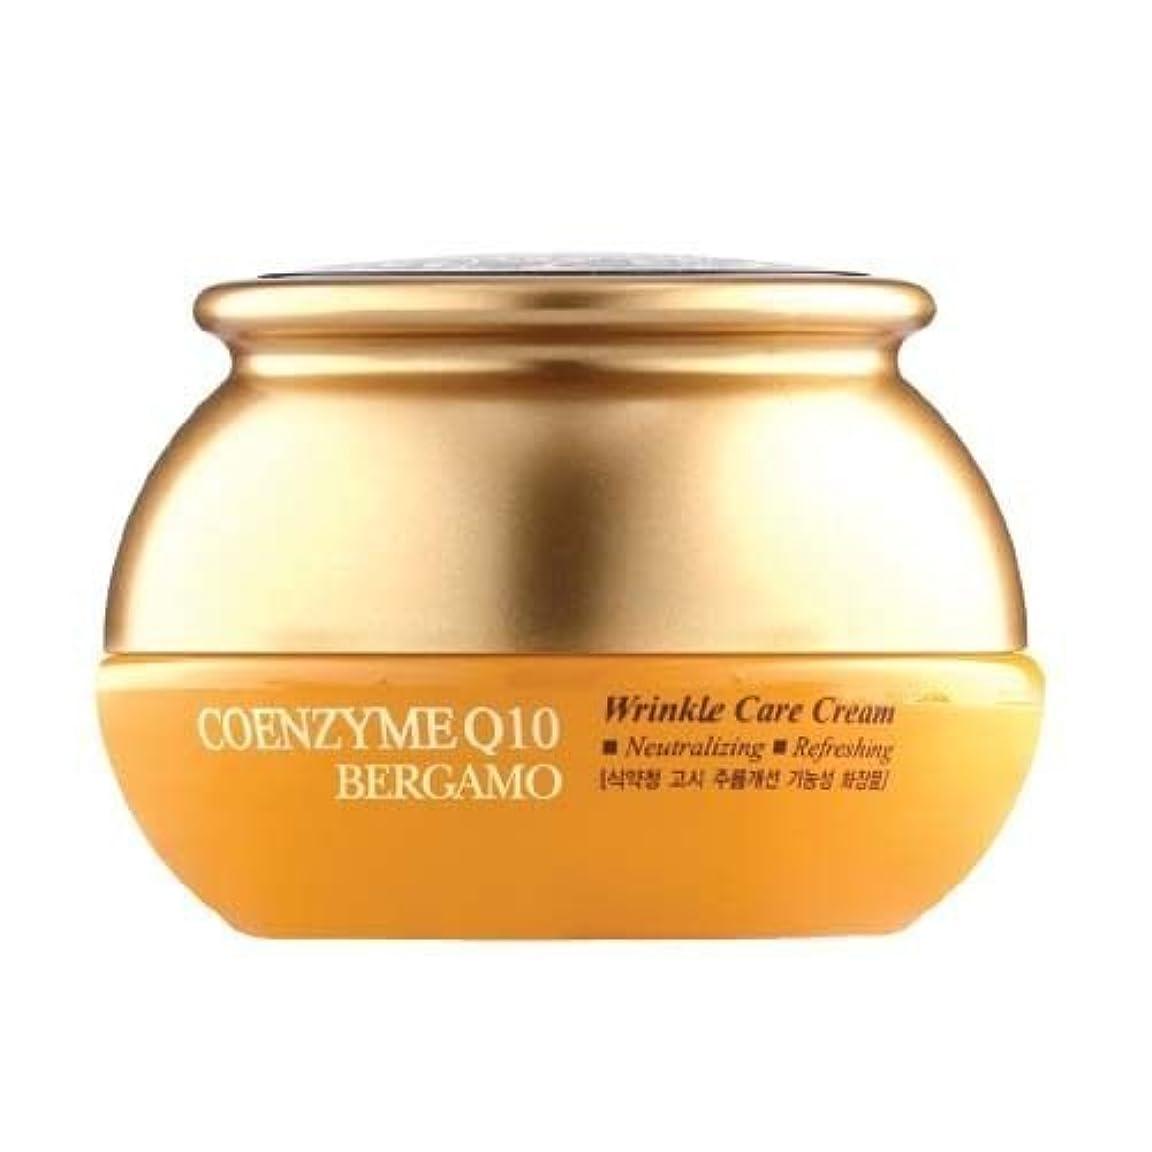 九月黒地味なベルガモ[韓国コスメBergamo]Coenzyme Q10 Wrinkle Care Cream コエンザイムQ10リンクルケアクリーム50ml しわ管理 [並行輸入品]